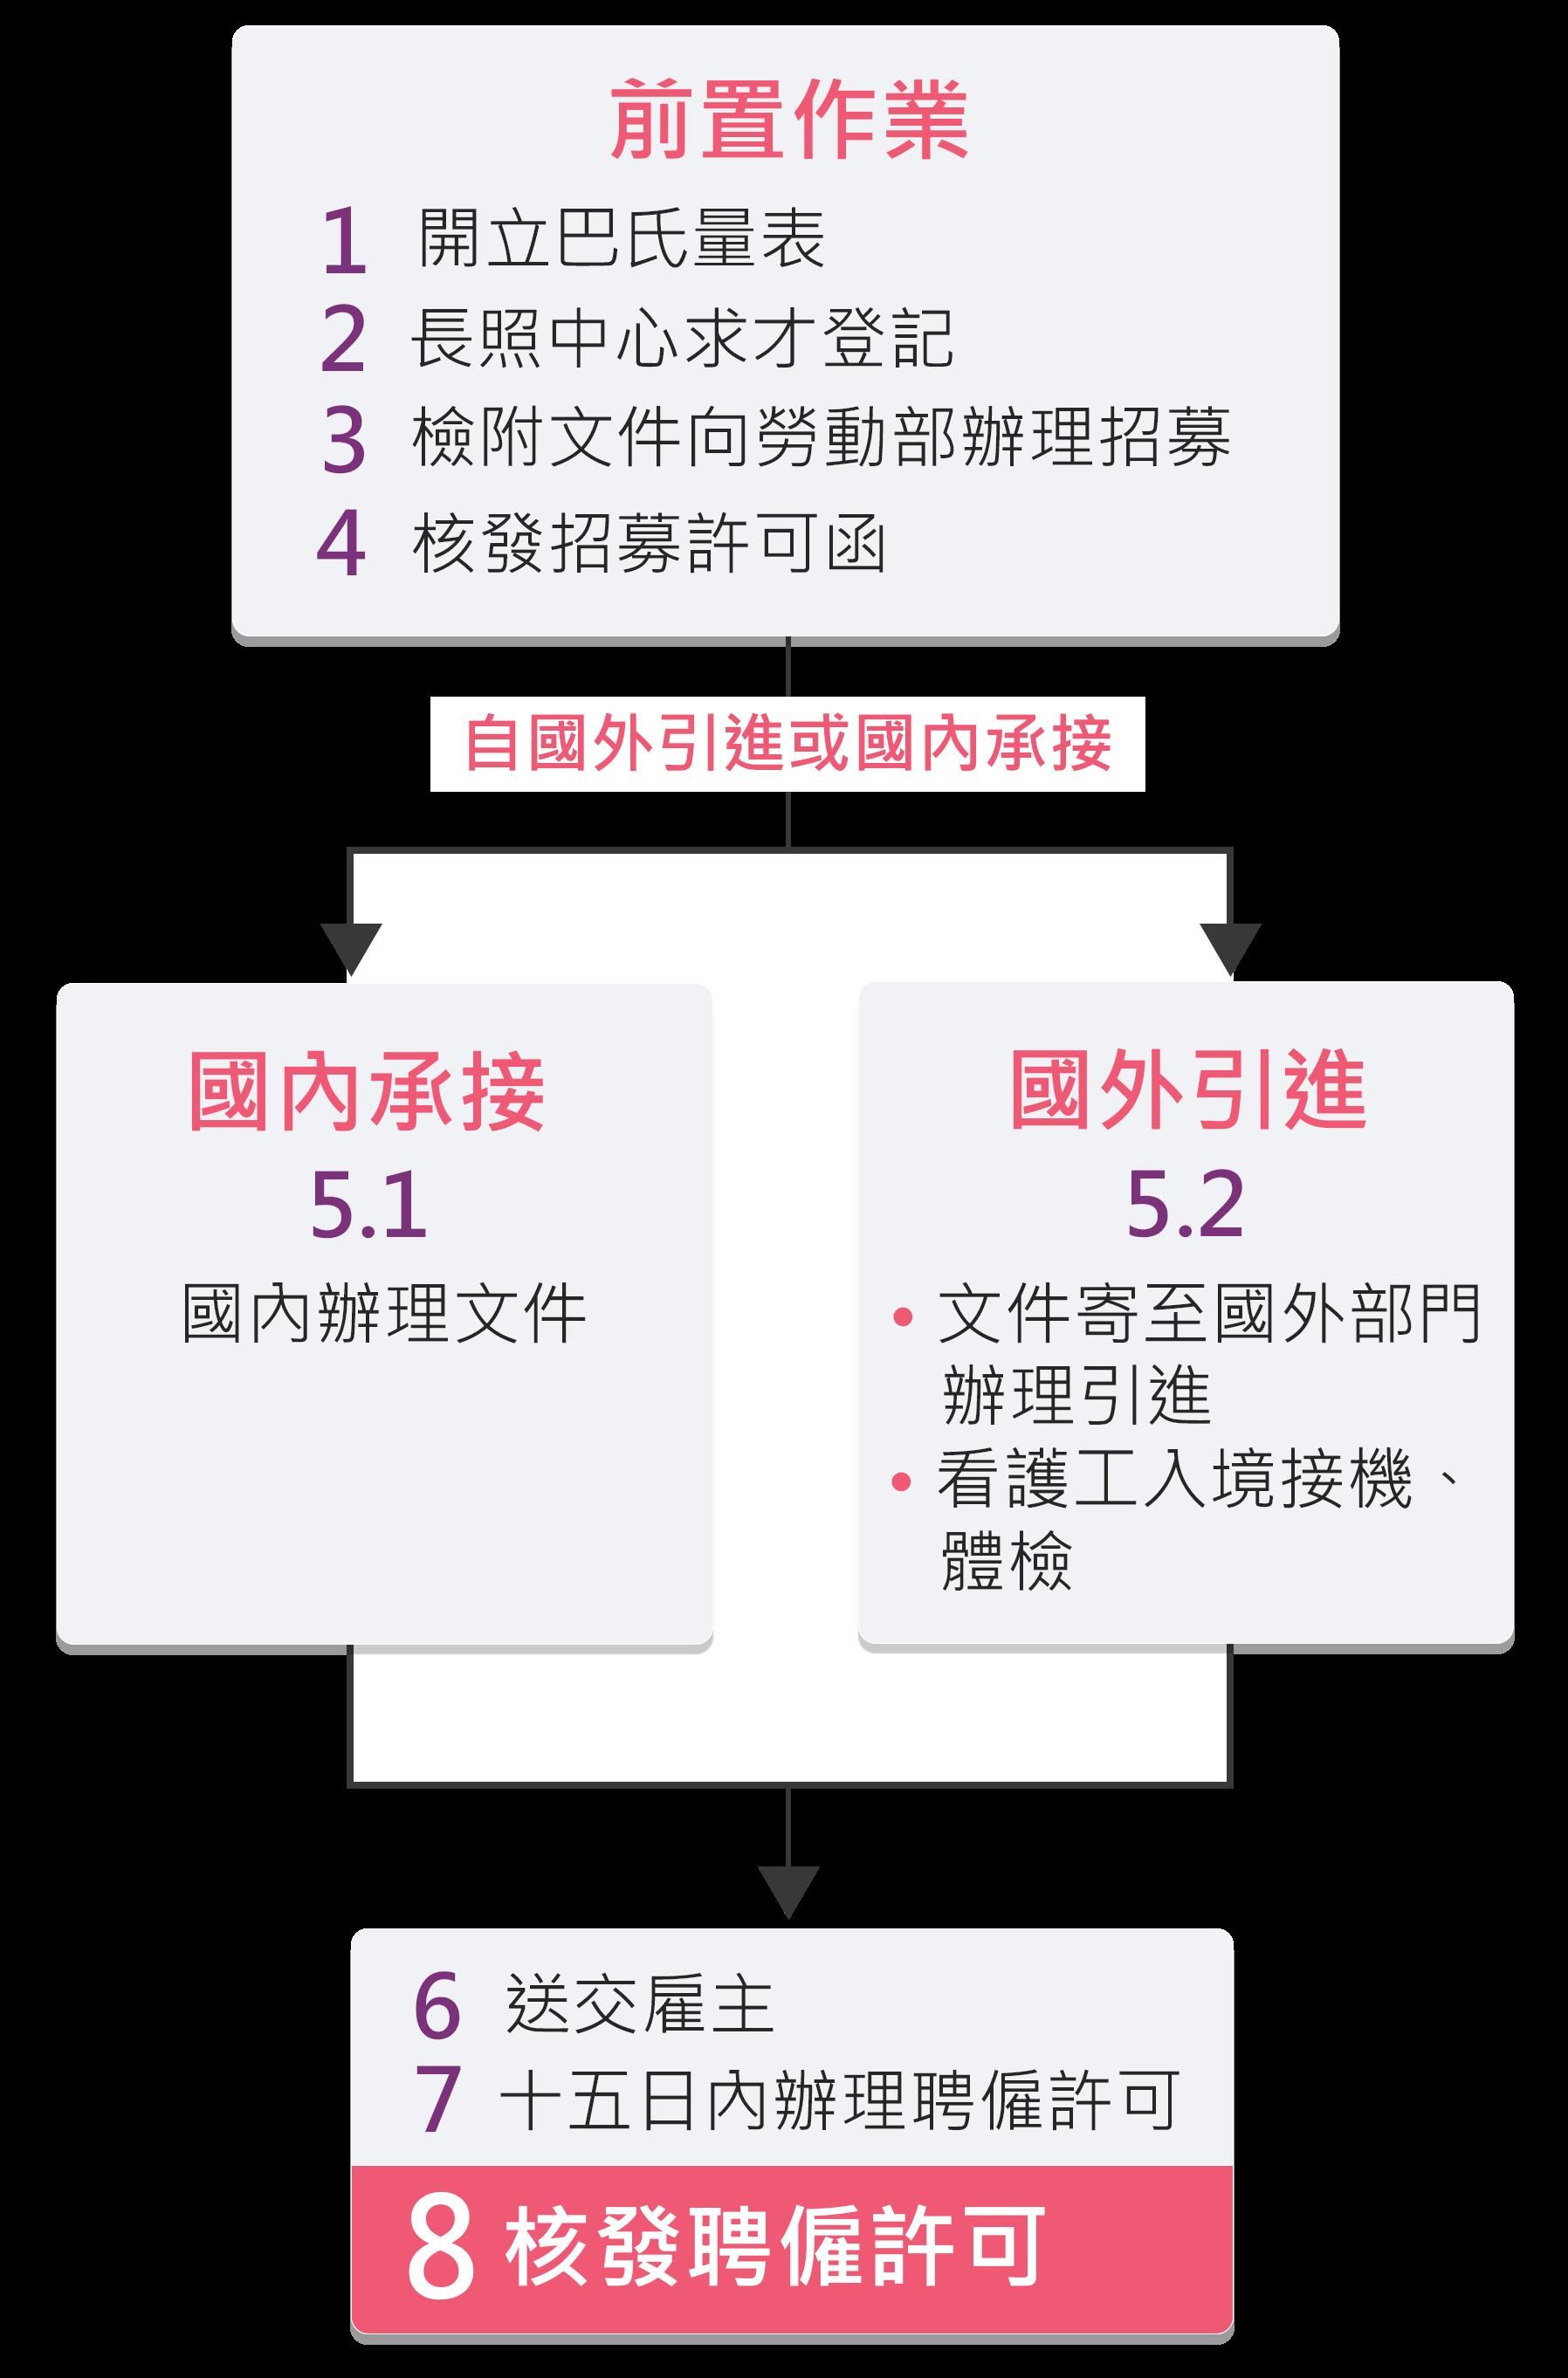 申請外籍看護流程圖